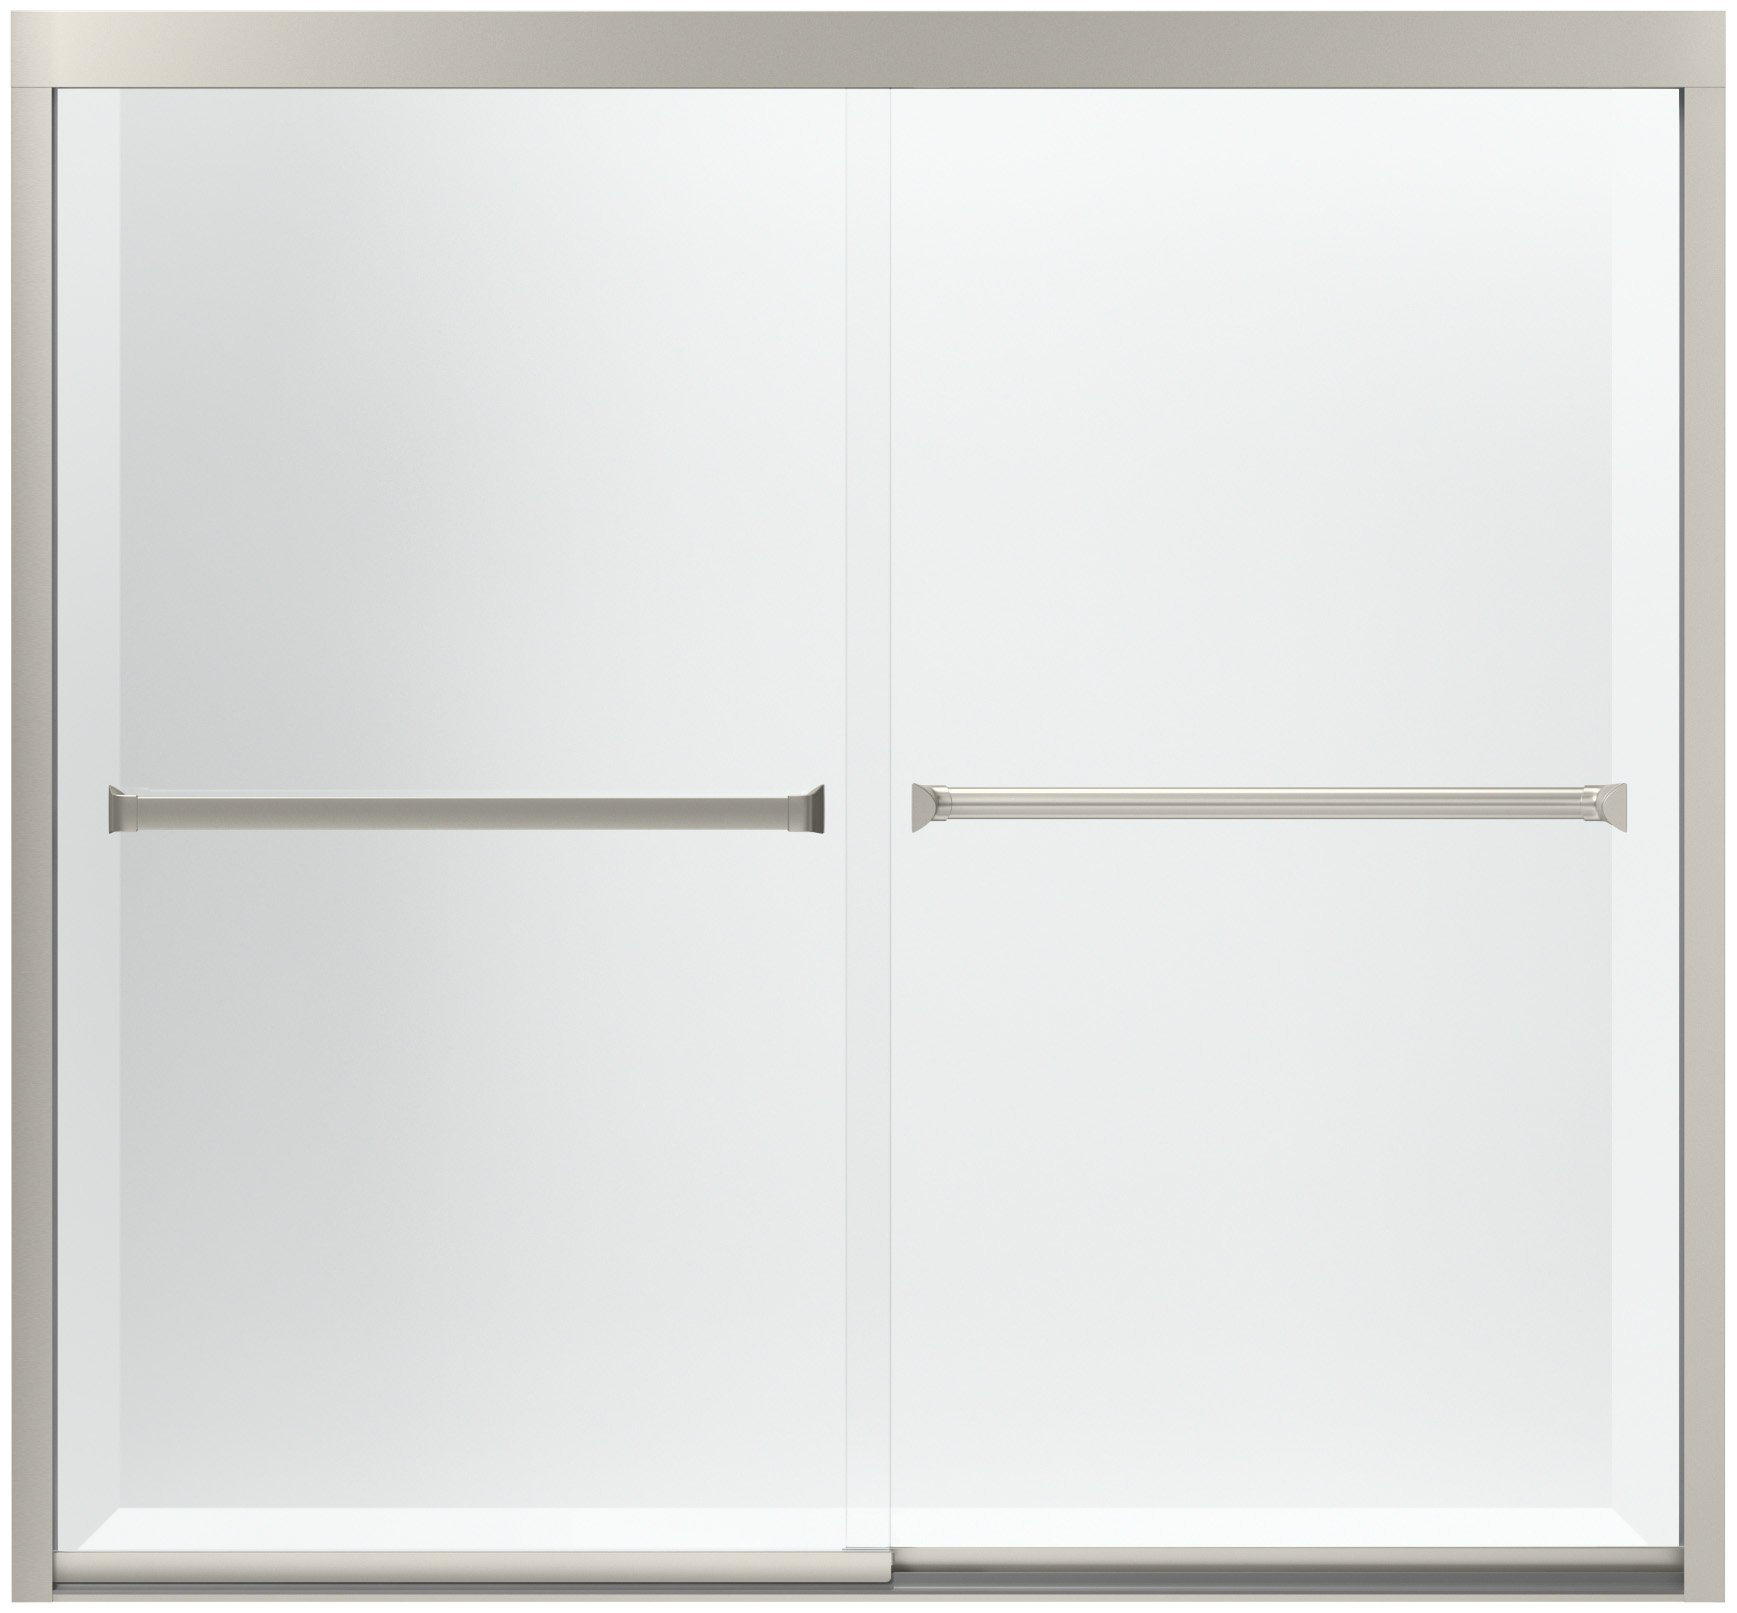 Sterling 581005 – 59 N-g05 meritor sin marco puerta corrediza de baño con suave textura de cristal transparente/, 59 – 3/8 x 55 – 1/8-inch, níquel: Amazon.es: Bricolaje y herramientas